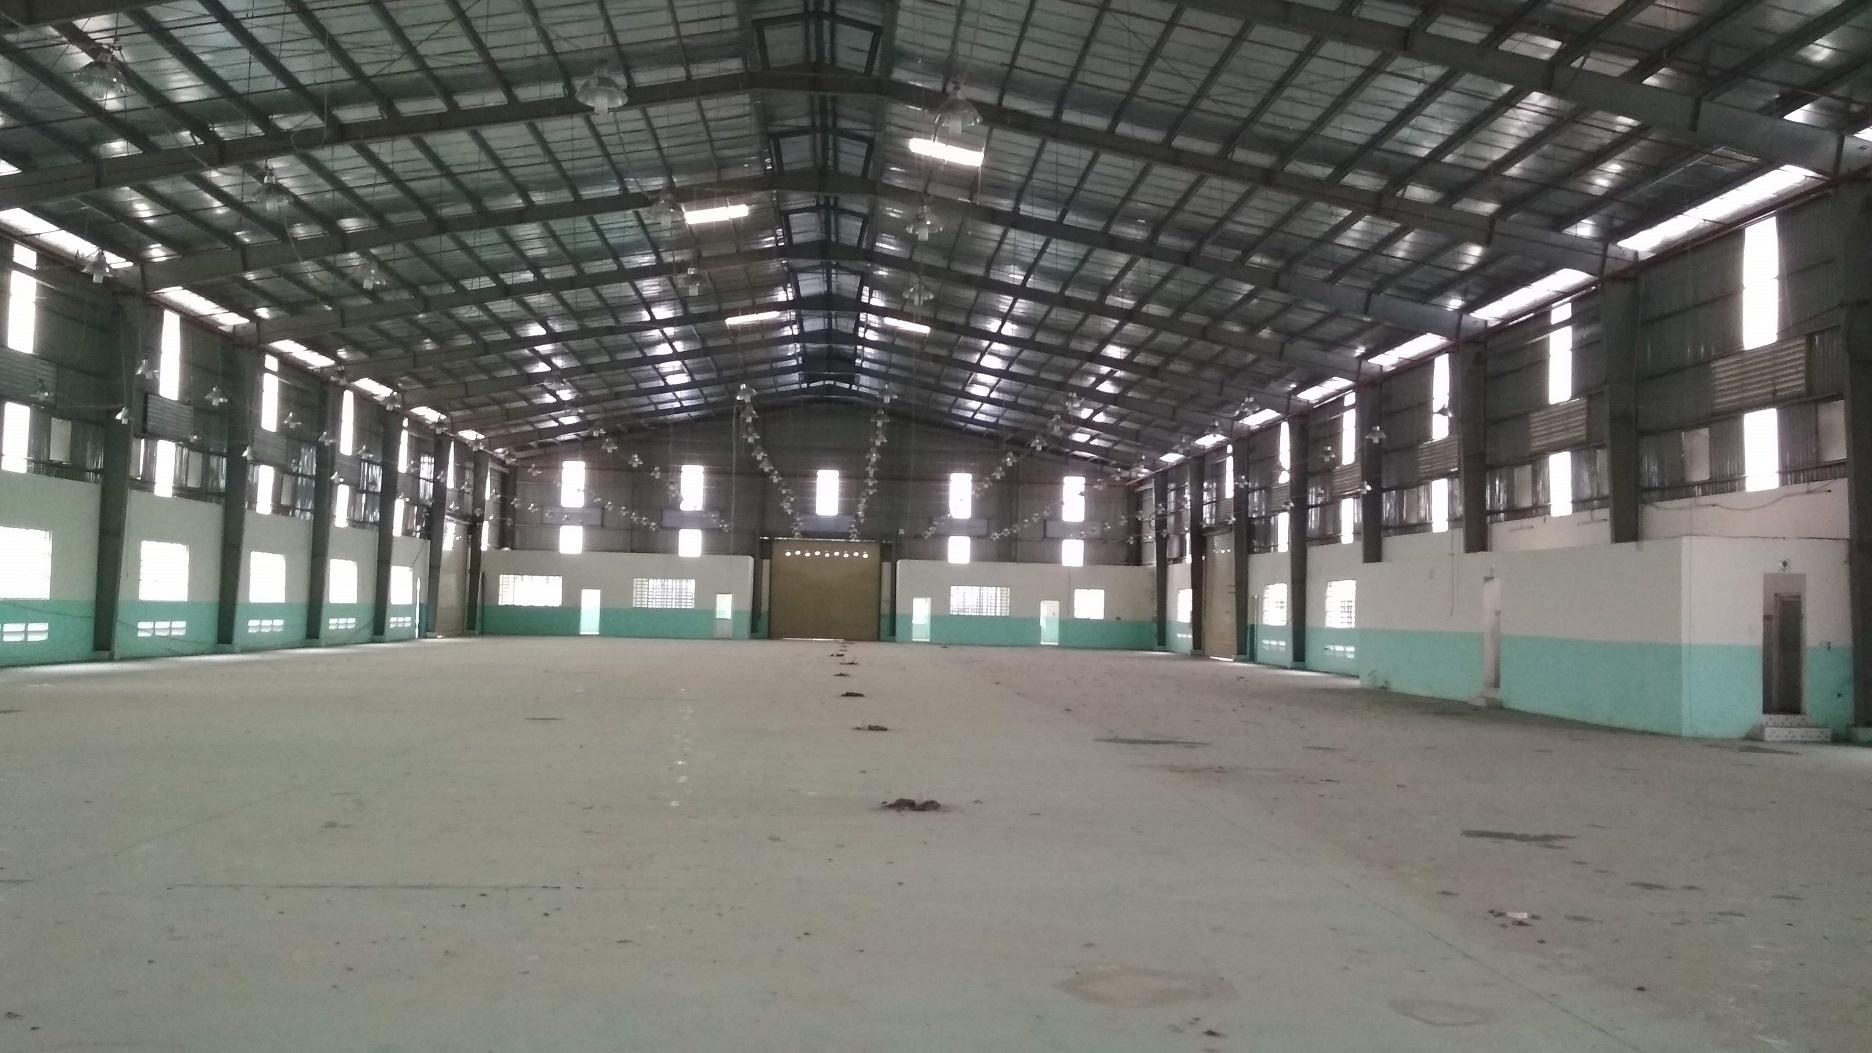 Cho thuê nhà xưởng 1200m2 KCN Tiên Sơn. Phù hợp sản xuất/ kho hàng. LH 0988 457 392